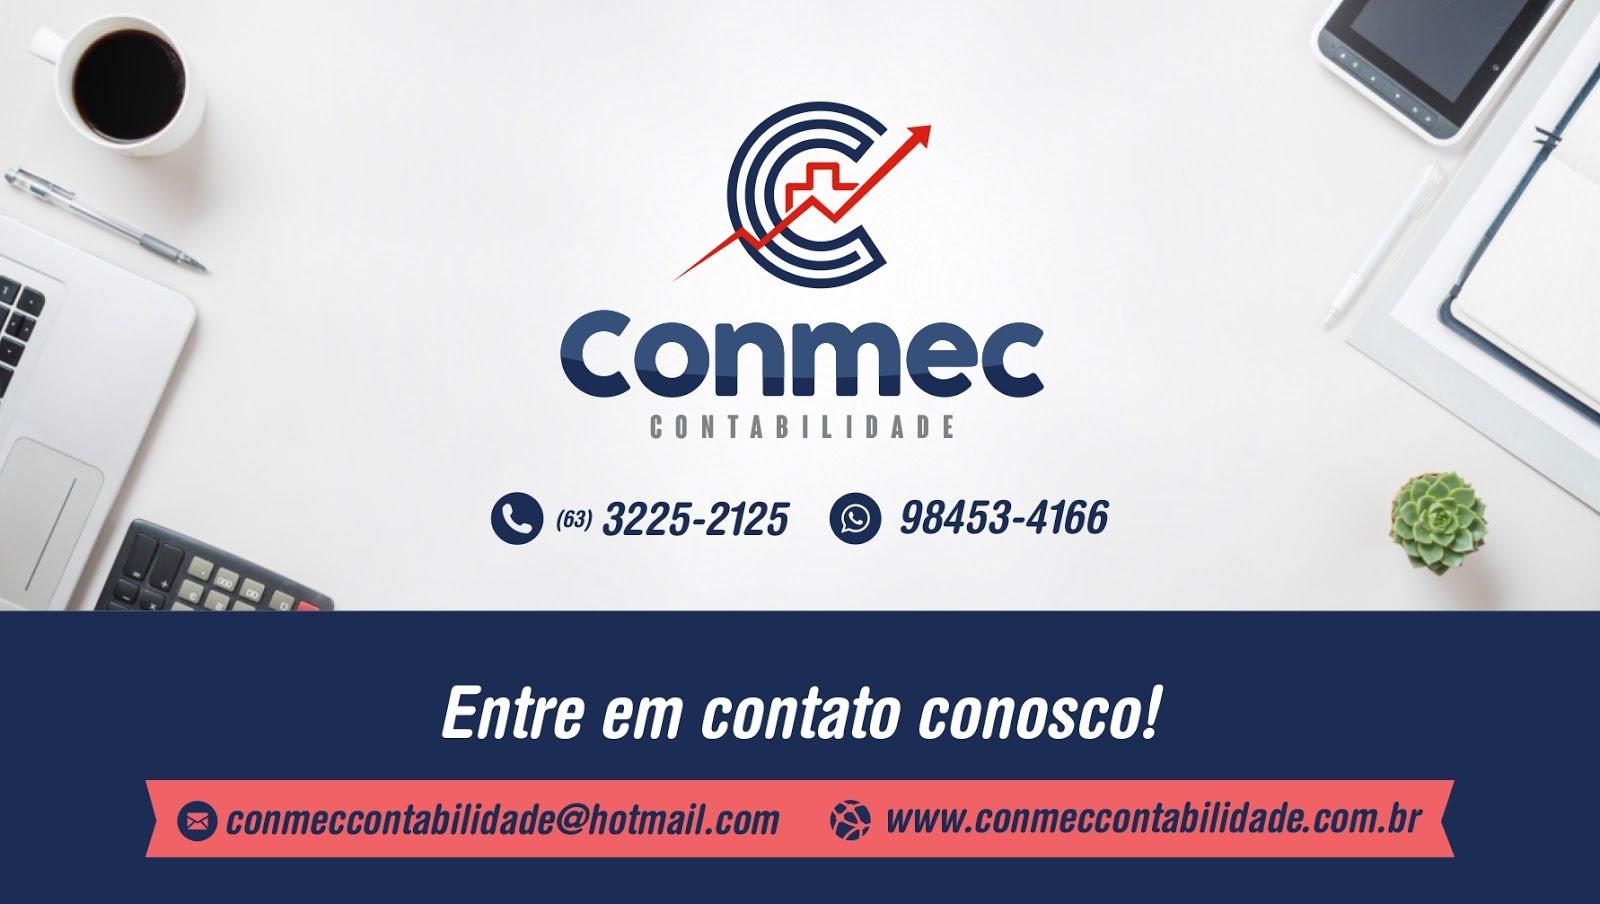 CONTABILIDADE CONMEC 3225-2125